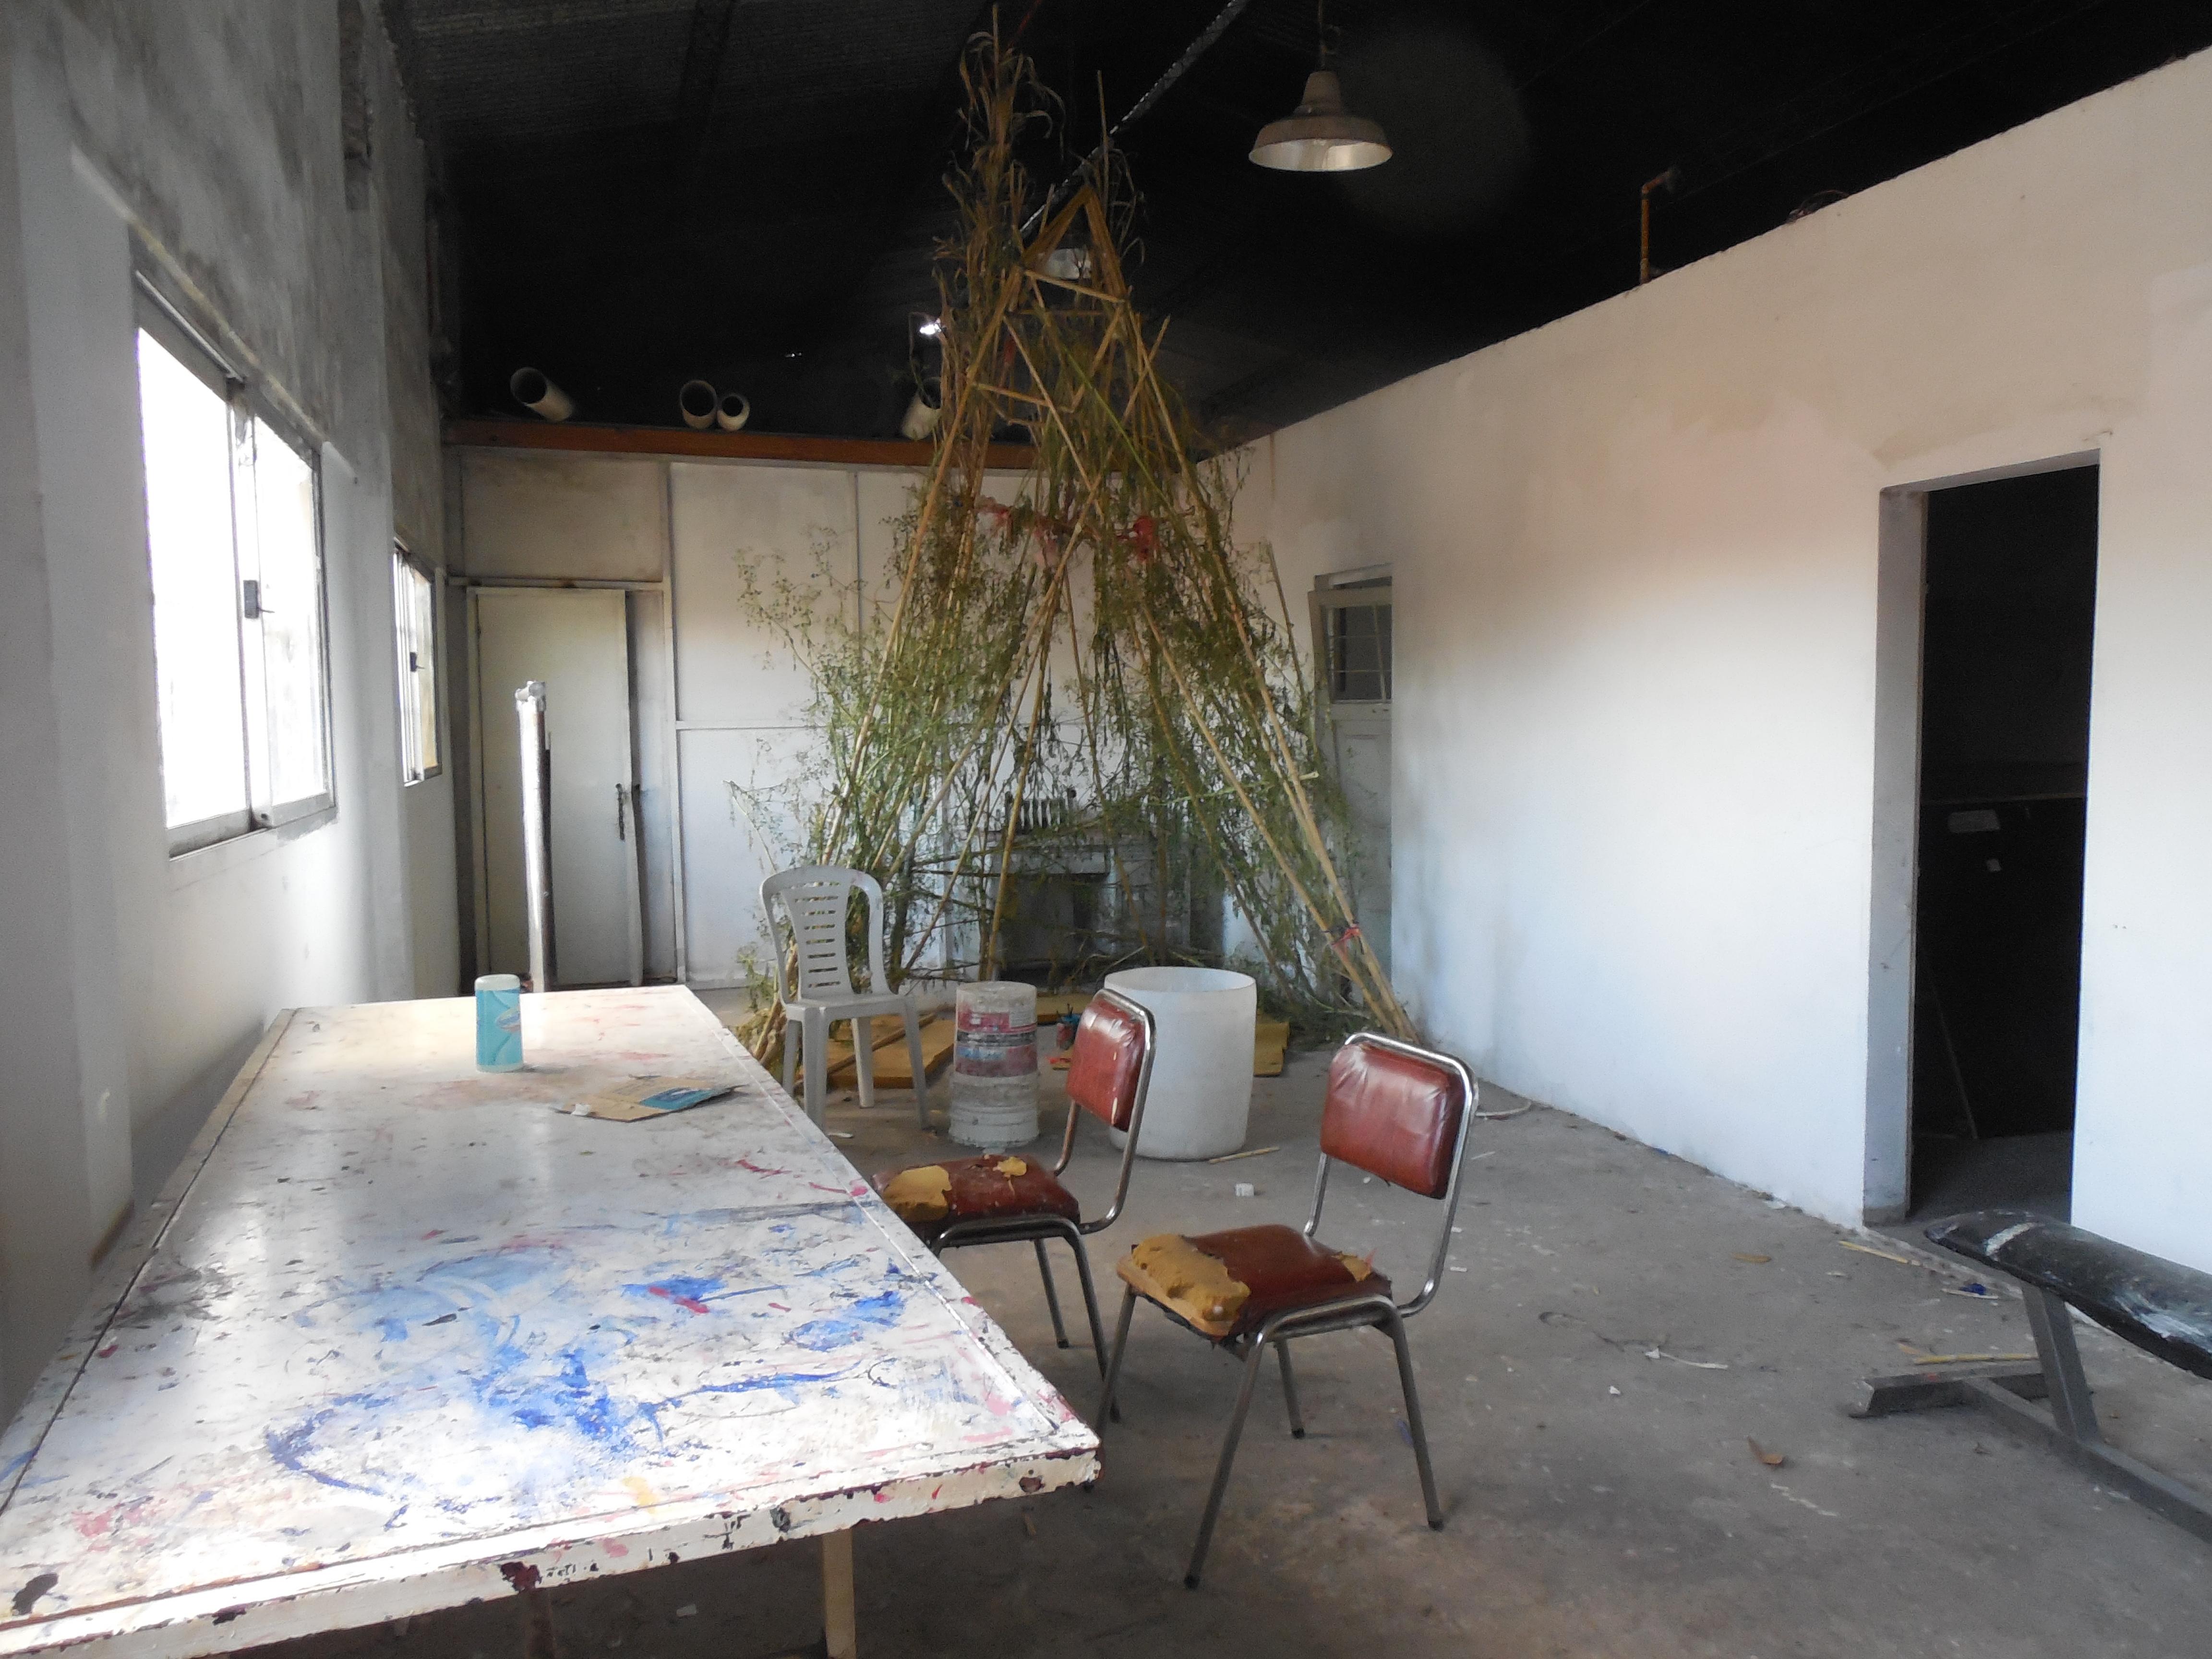 Punto Cultural 8 - Sociedad de Fomento y Cultura Barrio Agüero